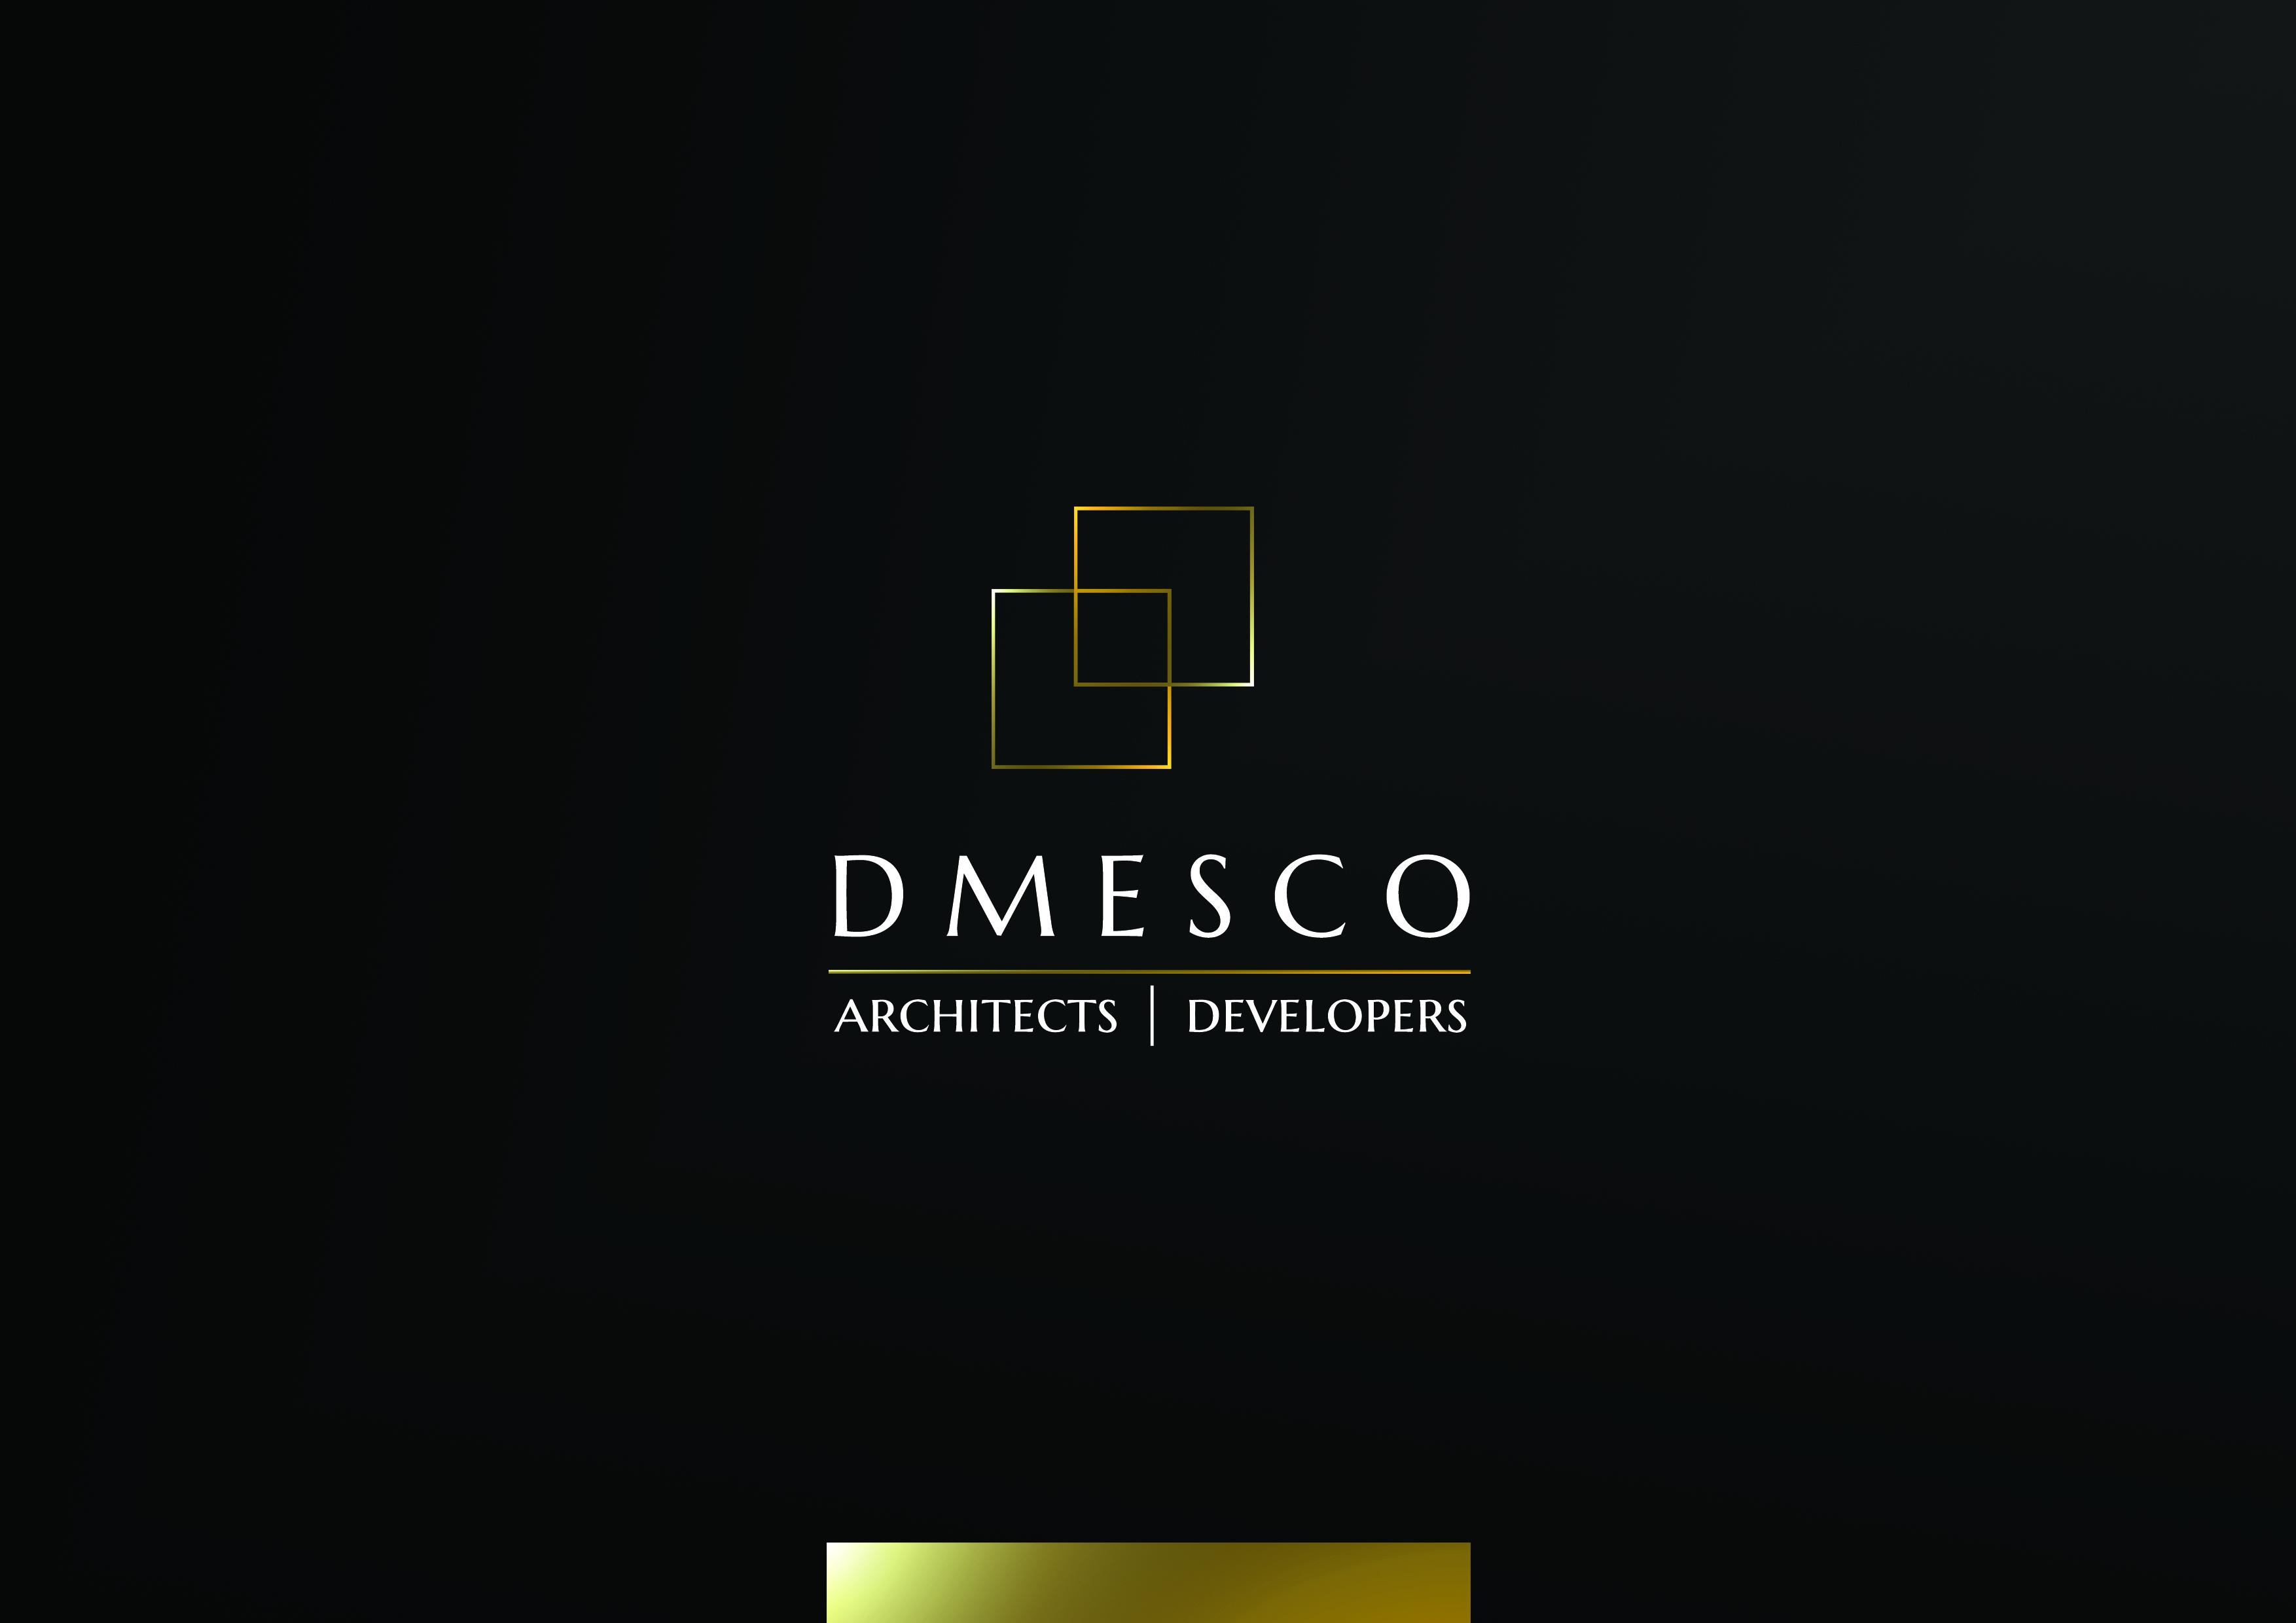 https://hrservices.com.pk/company/dmesco